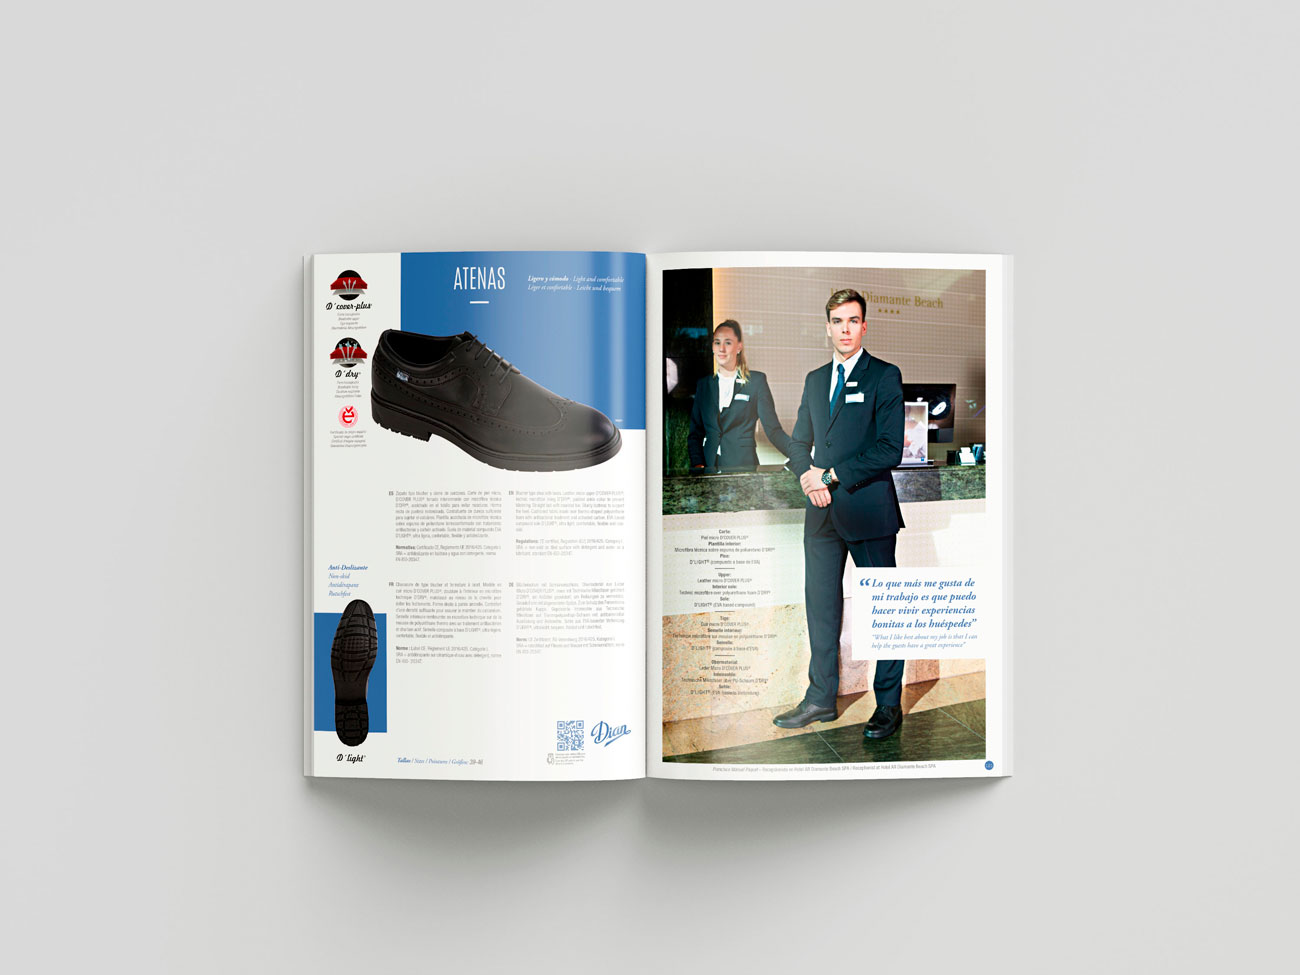 DIAN catalogo interior6 1